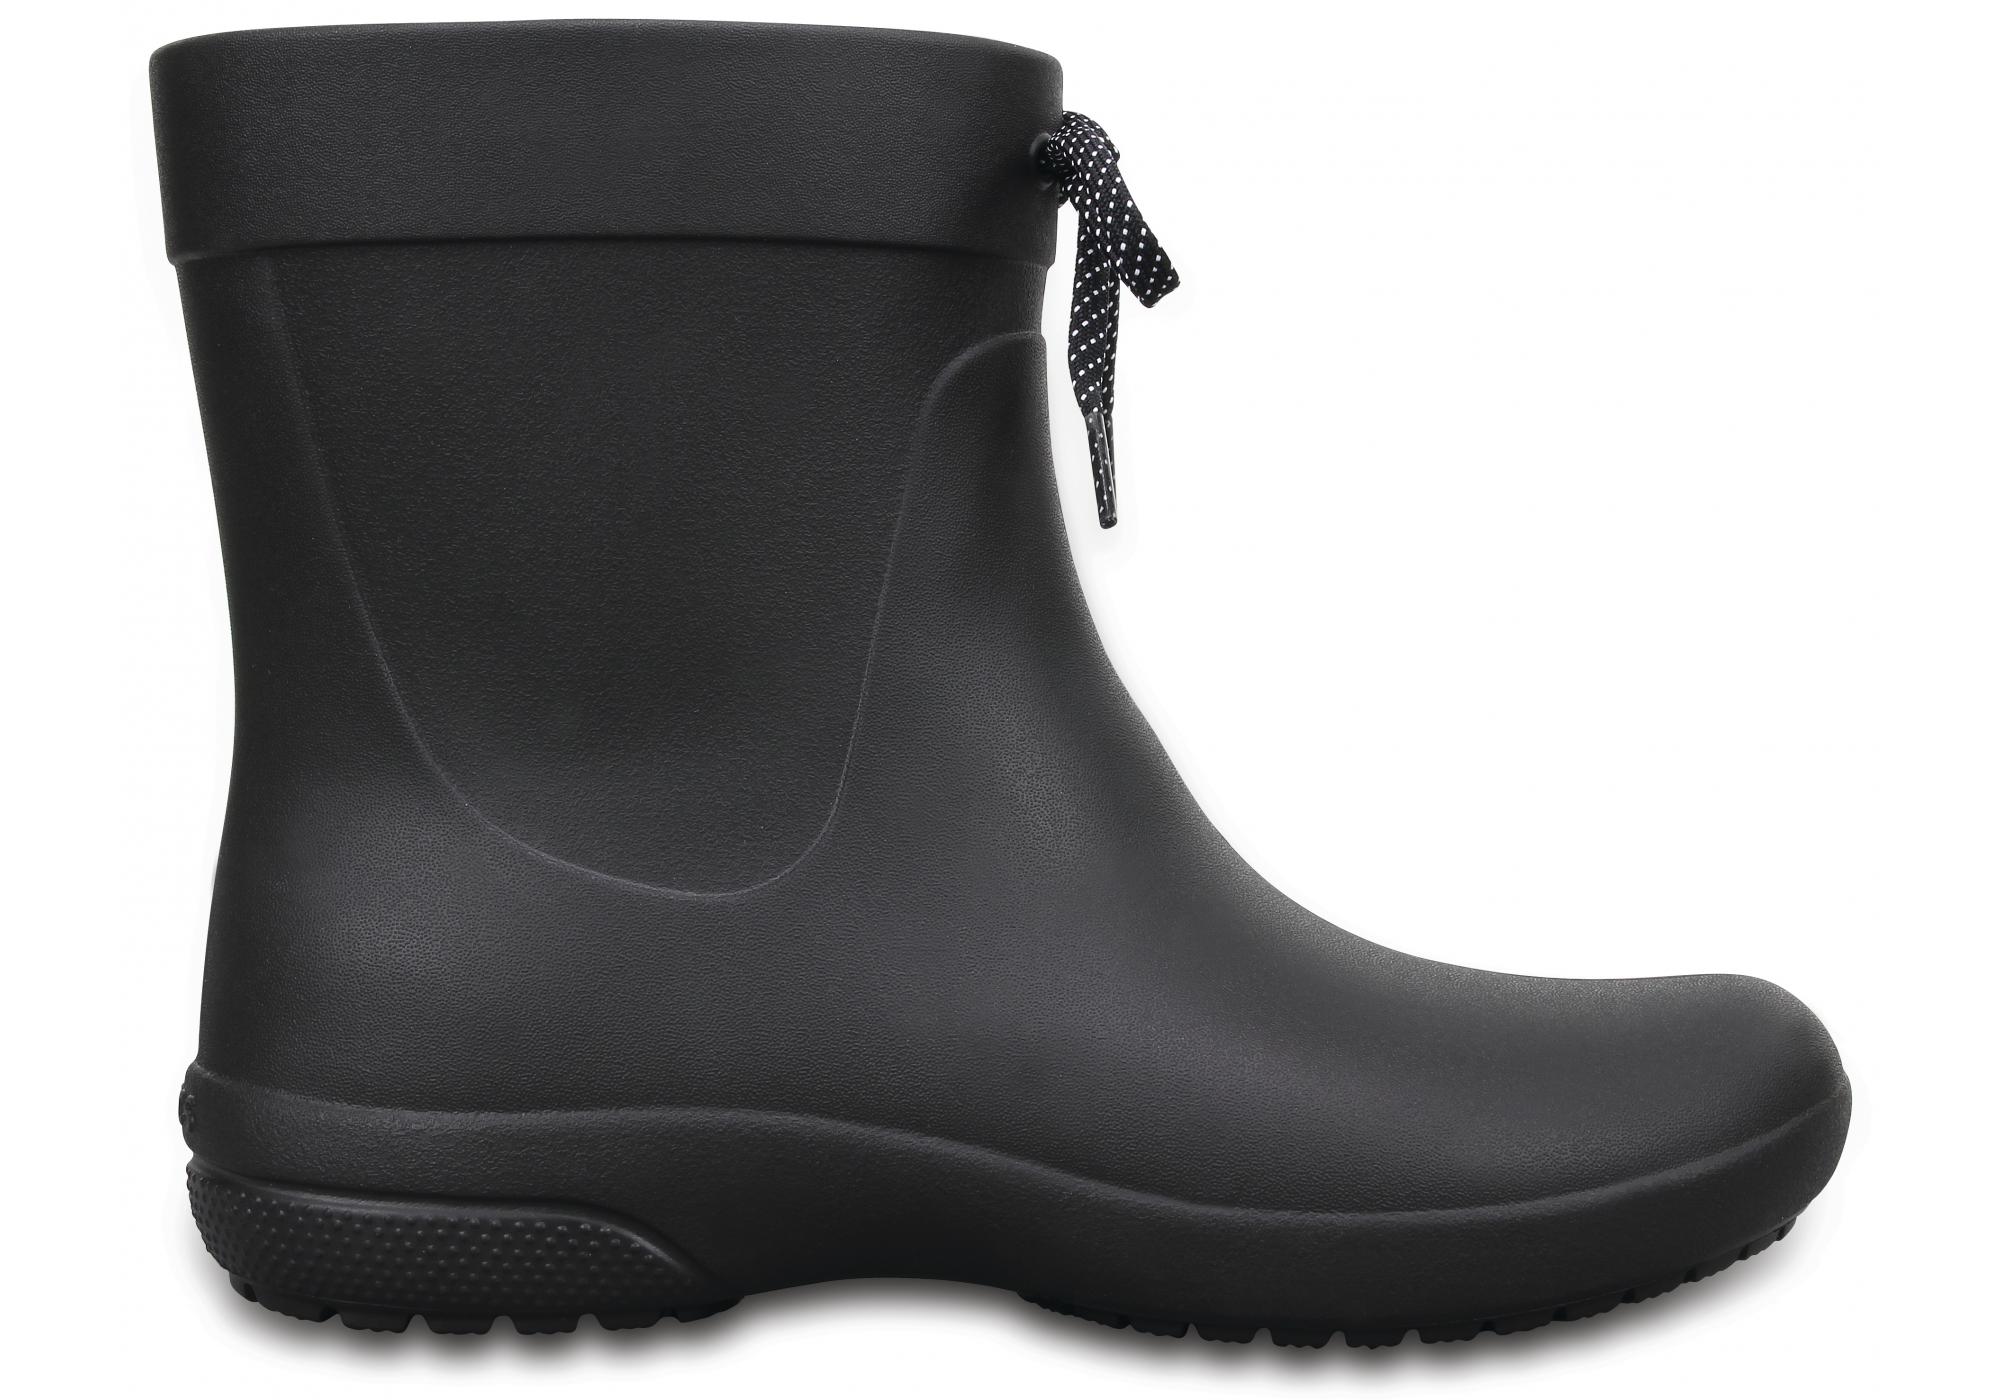 c6e4fef47 Značkové oblečenie, topánky a módne doplnky   Urbanlux